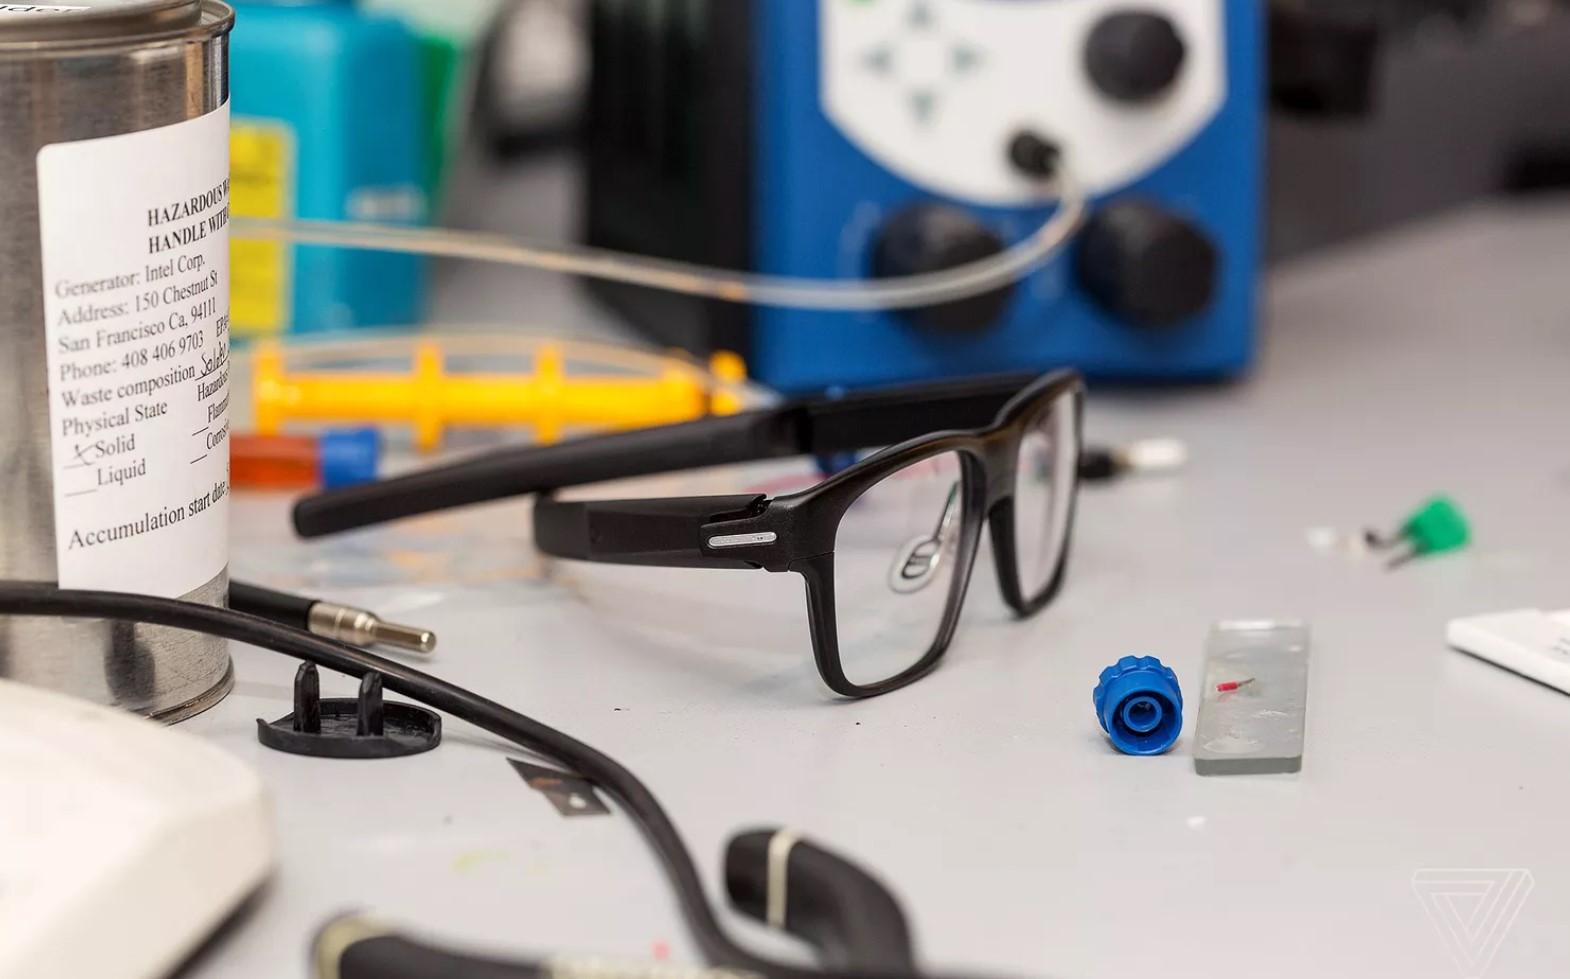 Intel закрывают проект умных очков Vaunt вместе со всем подразделением New Devices Group - 1